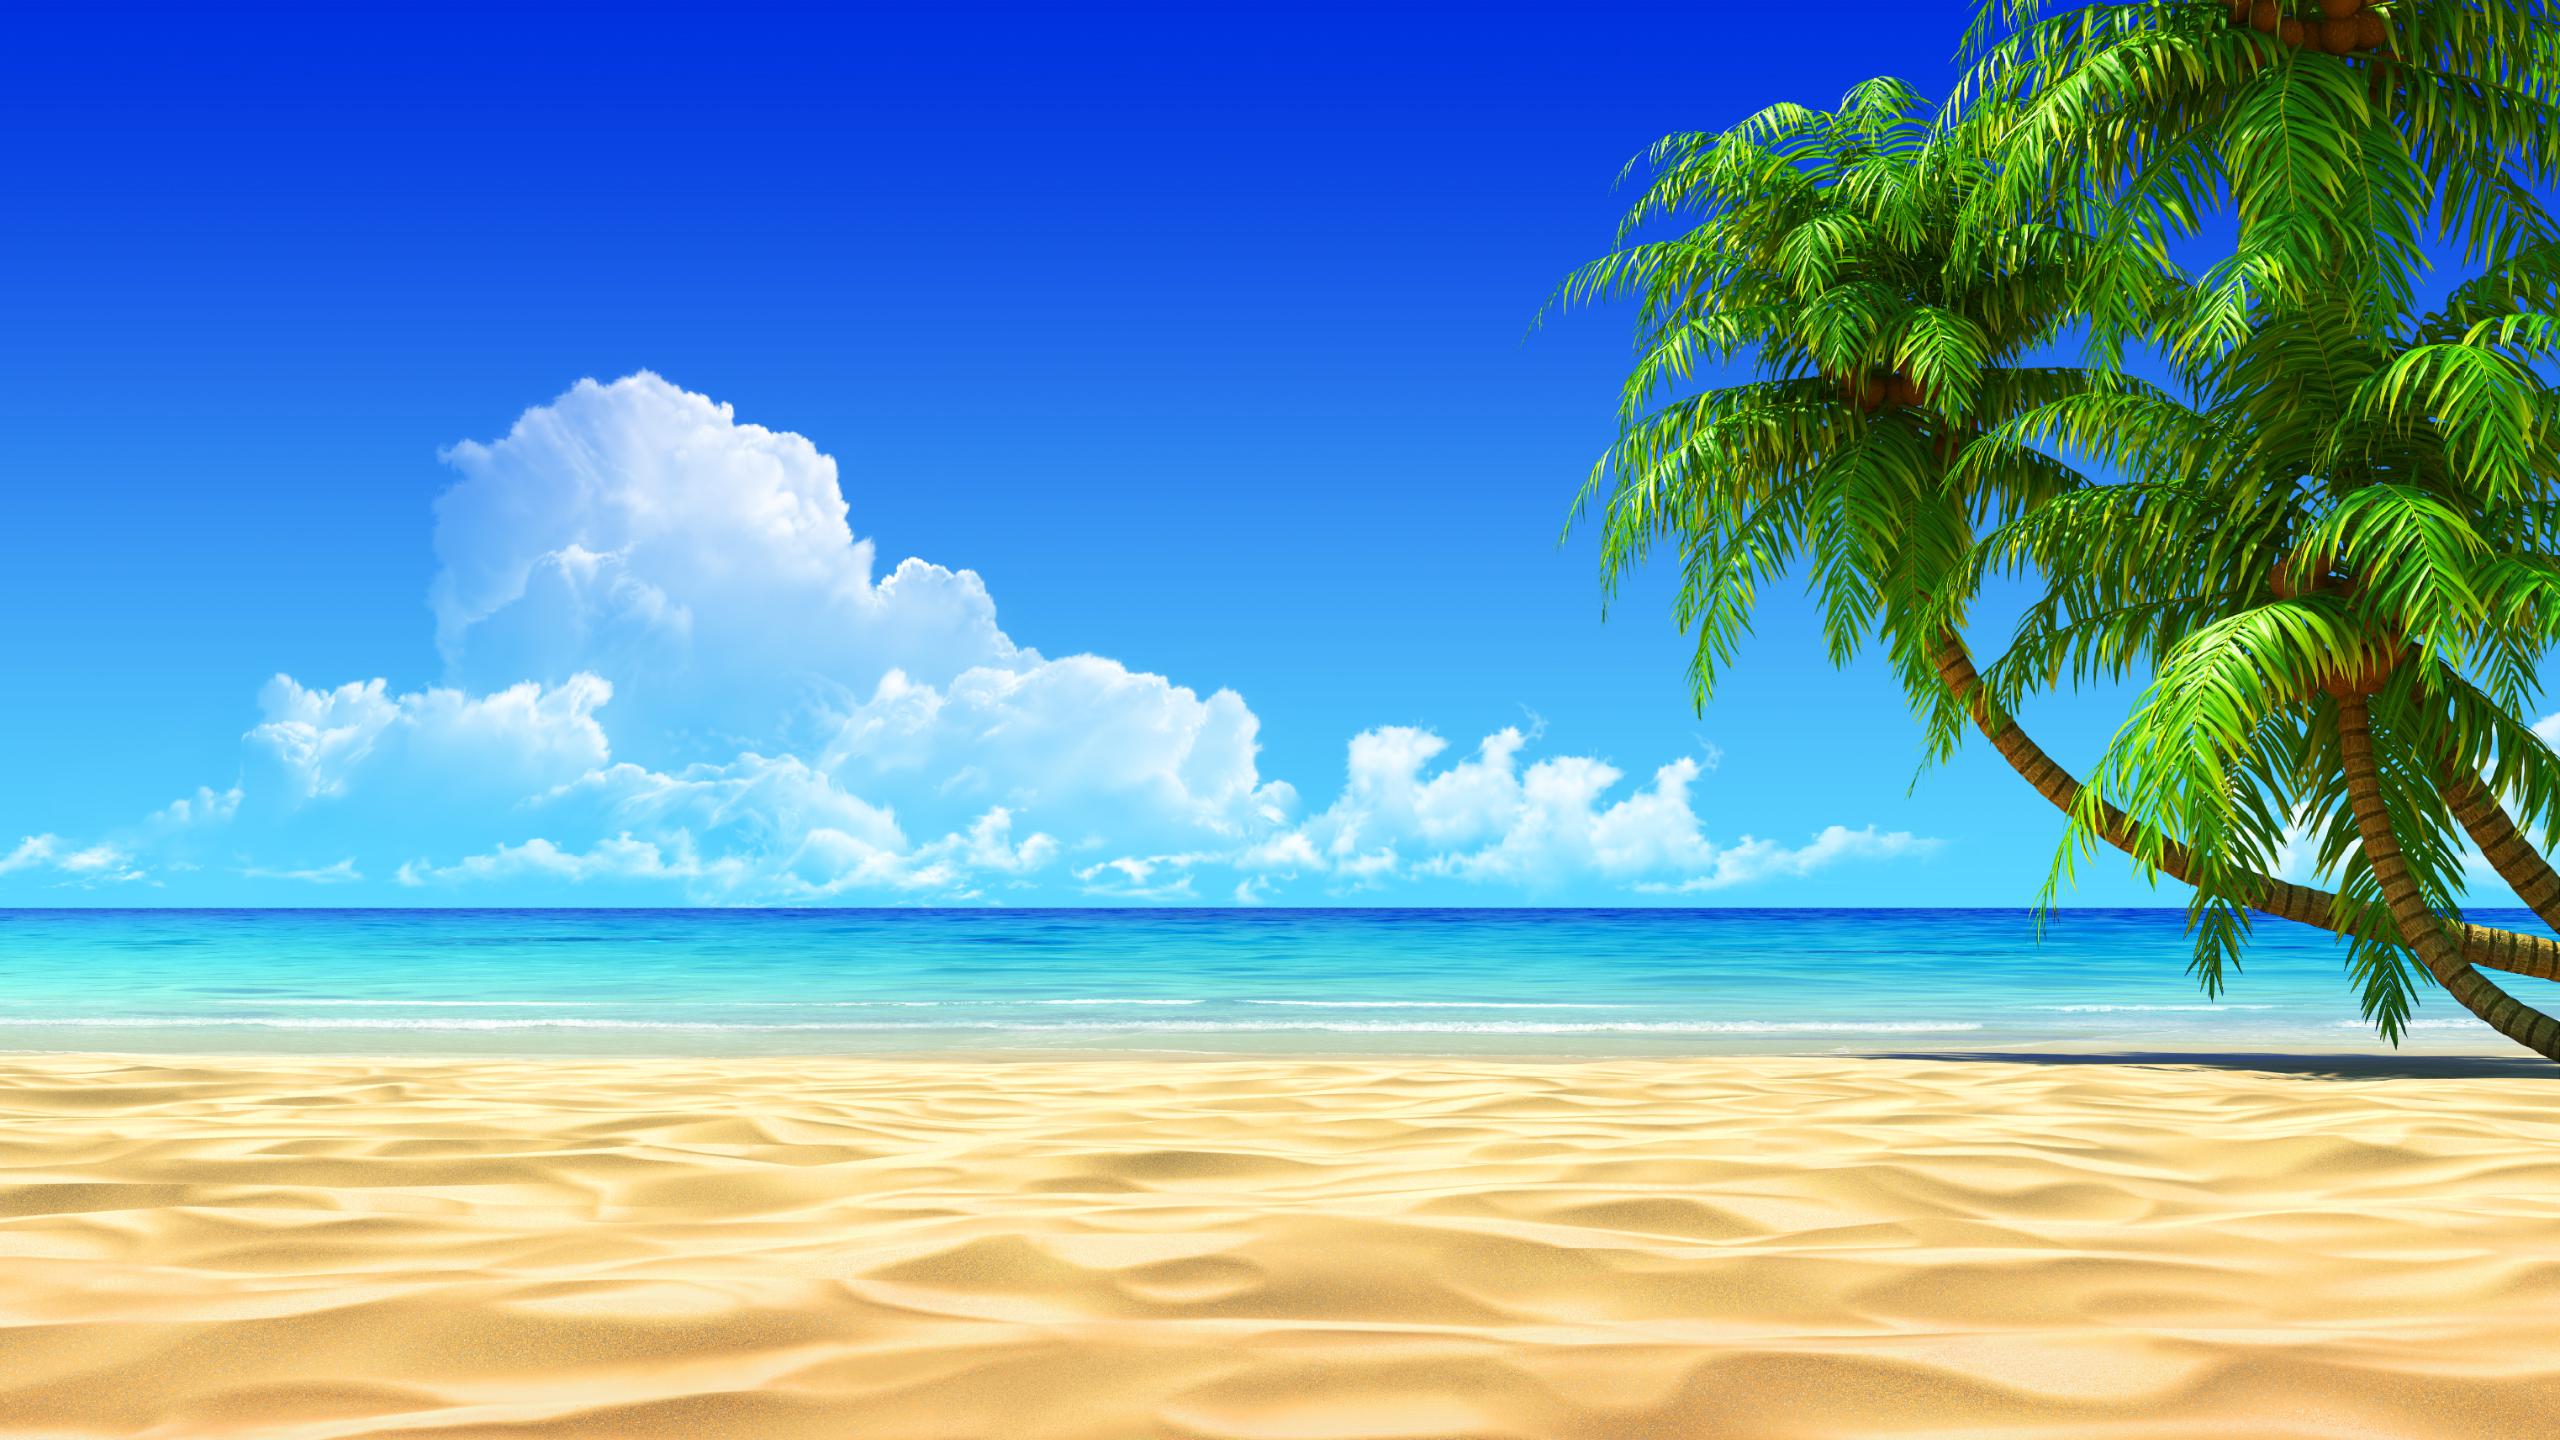 3D Wallpaper Widescreen High Resolution Beach For Desktop Background 13 HD Wallpapers